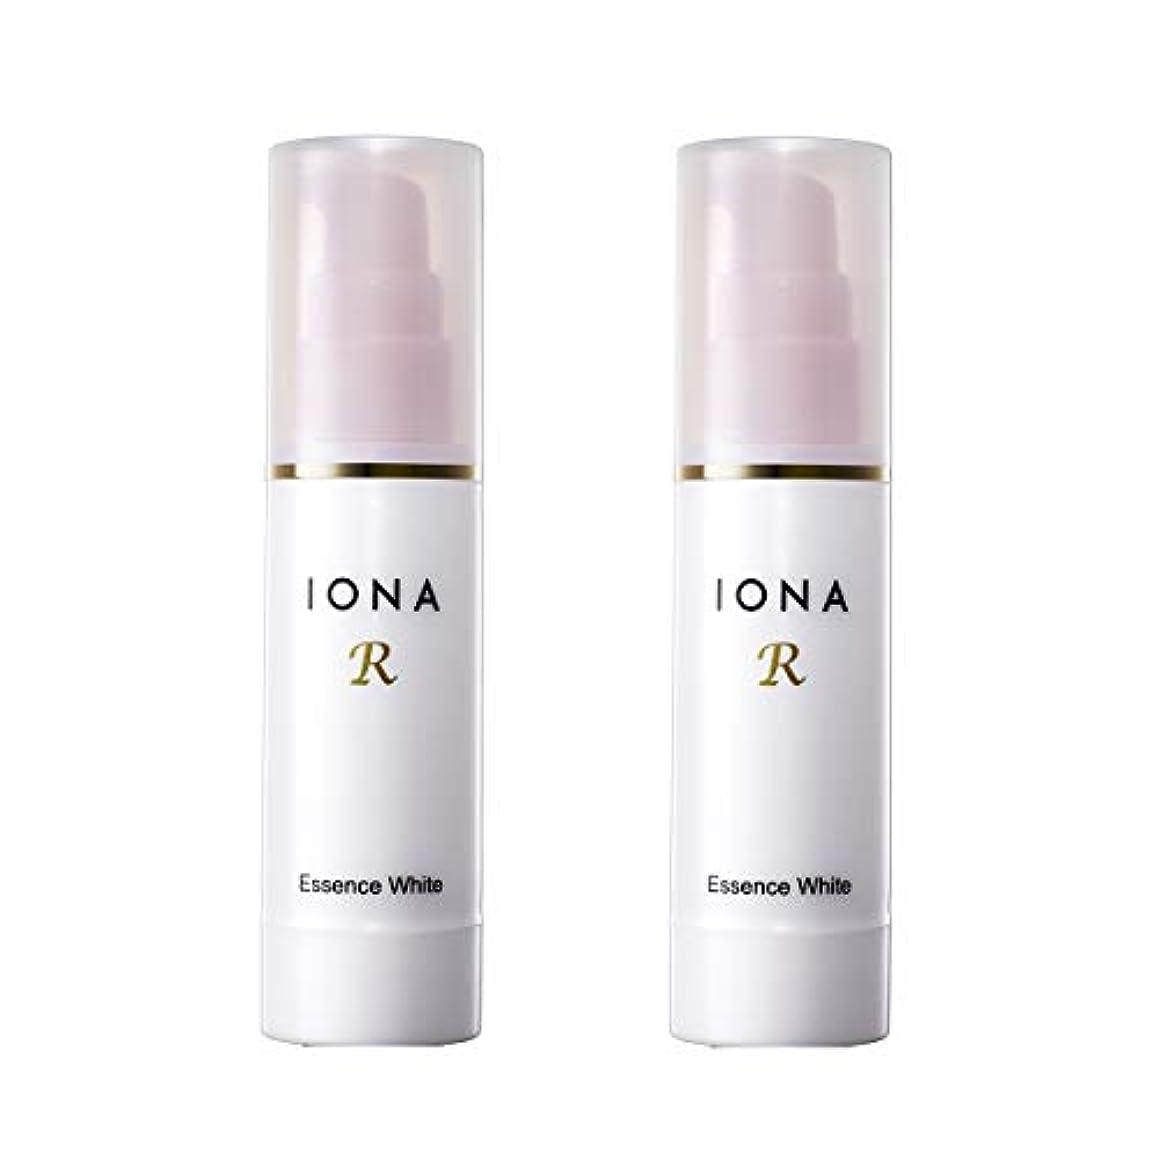 記念品崇拝する永久イオナR エッセンスホワイト 美容液 2個セット 【通常価格より20%OFF】高機能ビタミンC配合美容液 IONA R イオナアール イオナのビタミンC